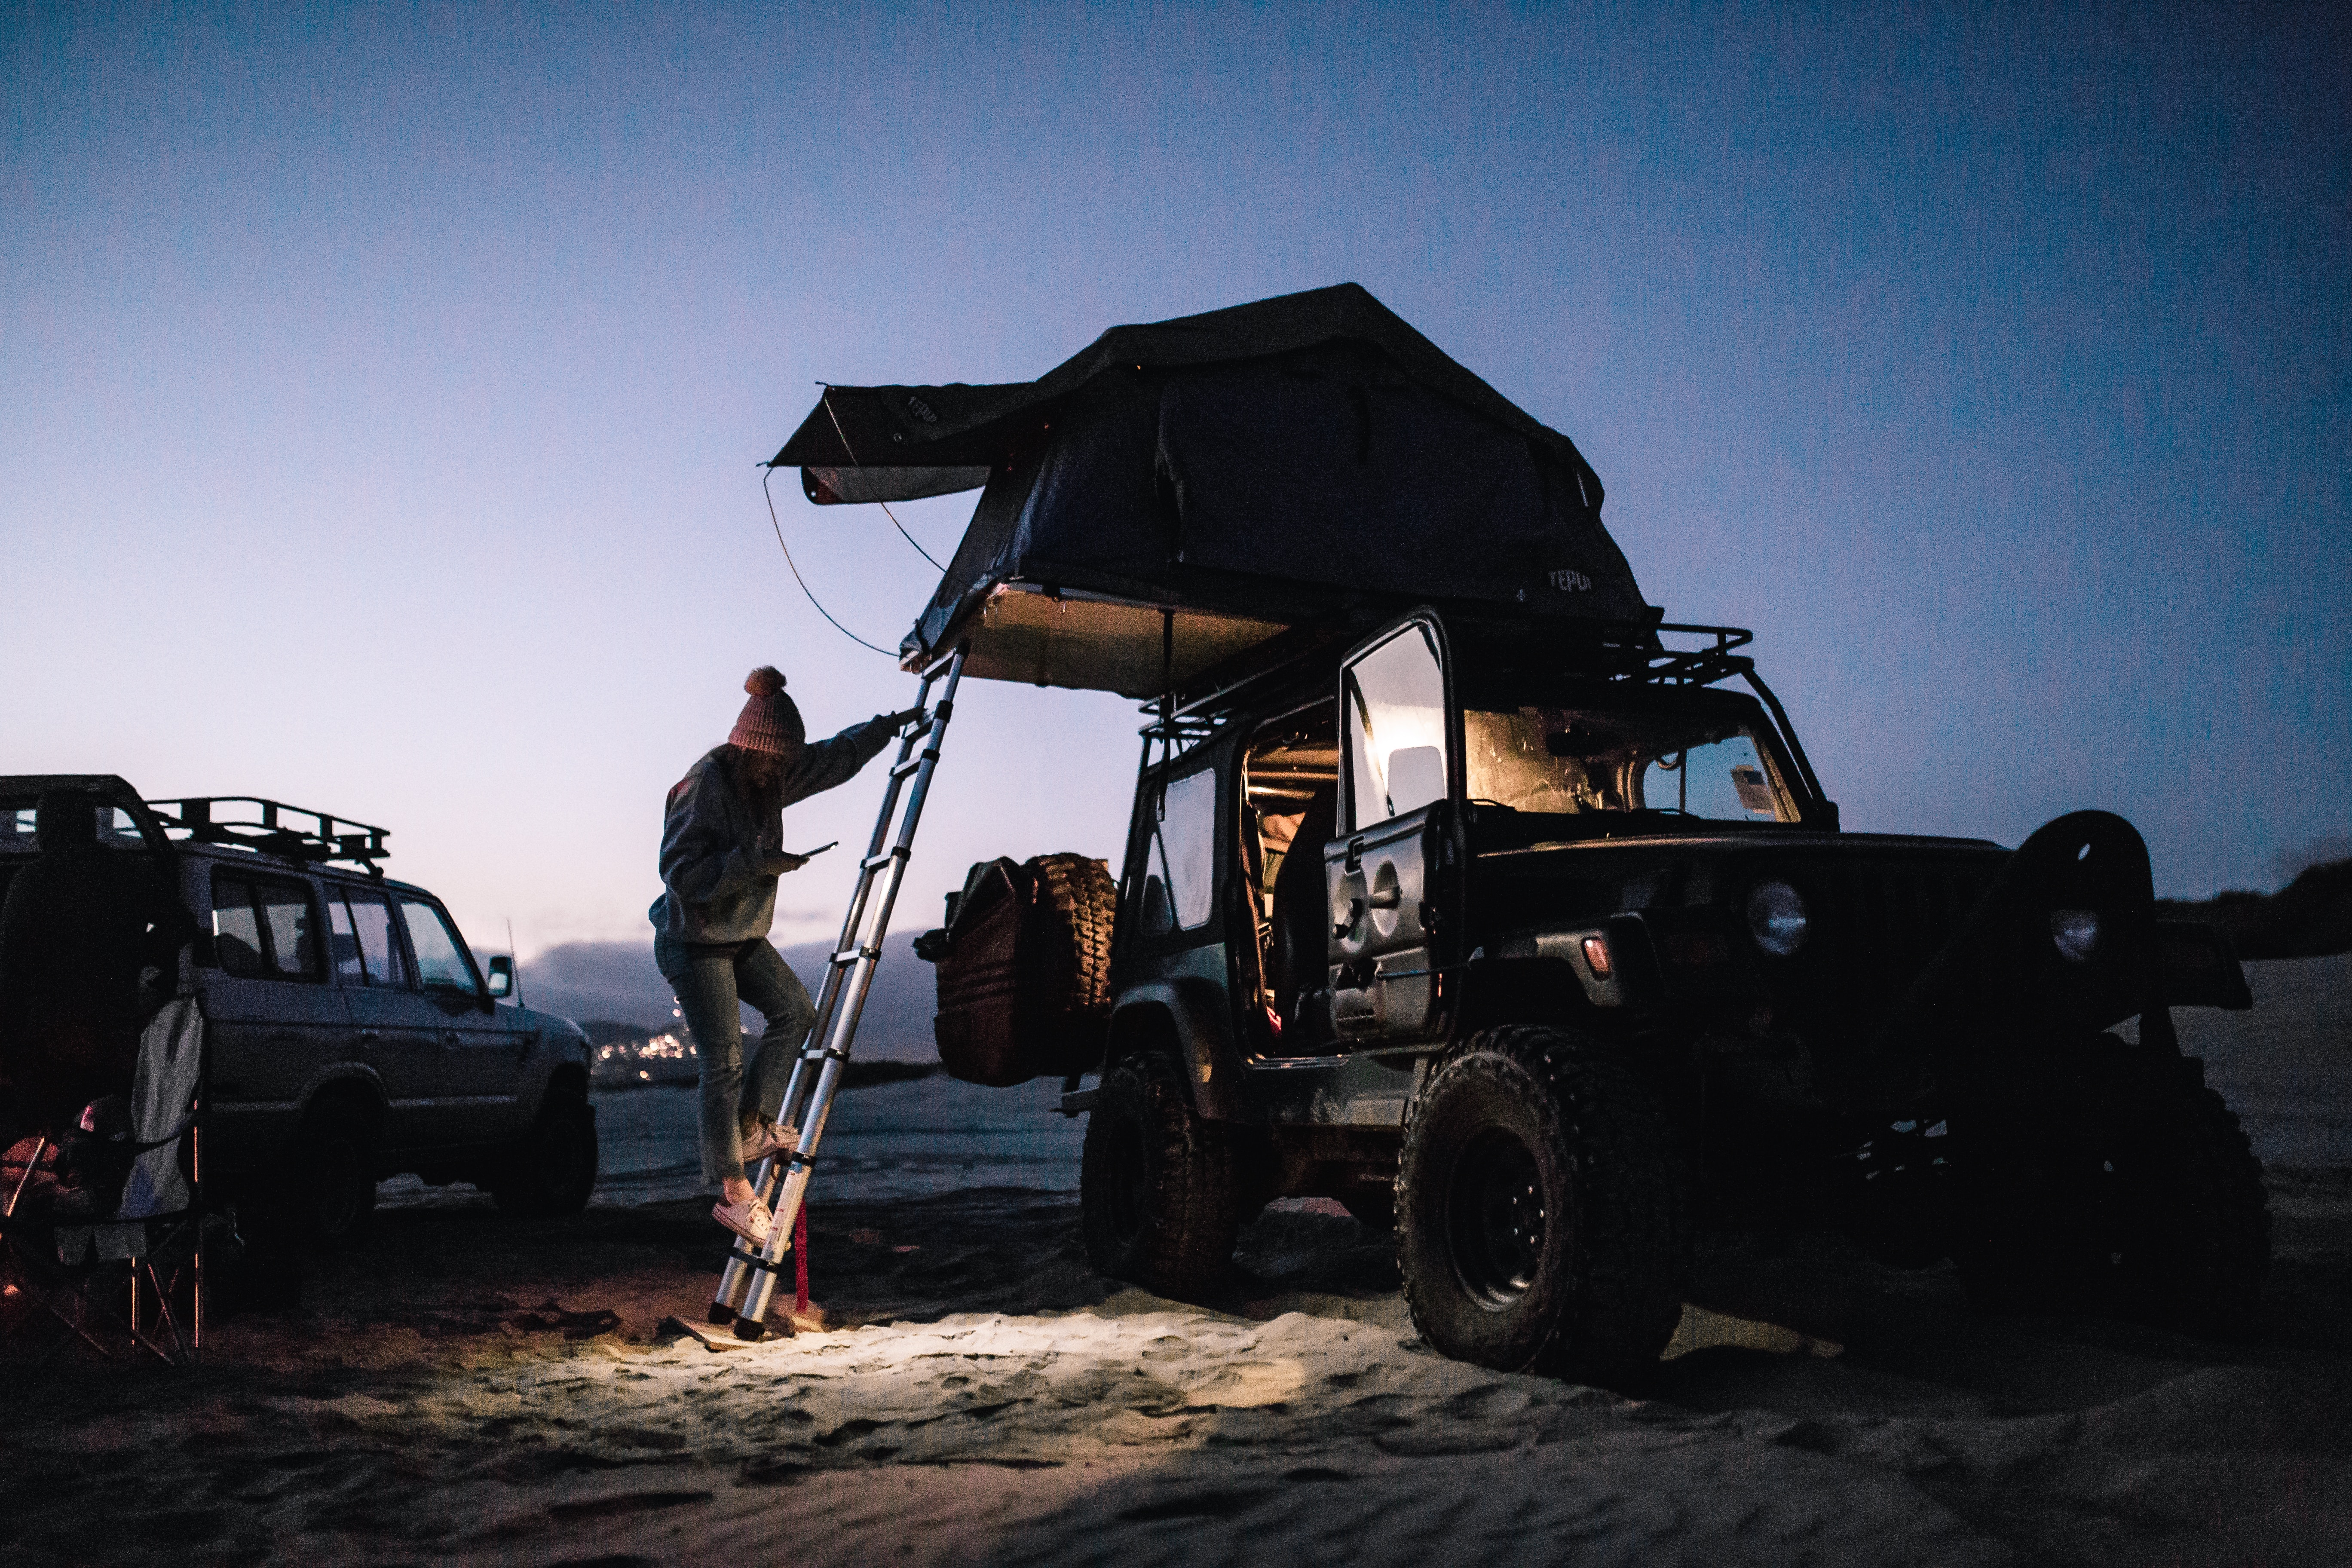 Oakura Bay, Northland camping rules